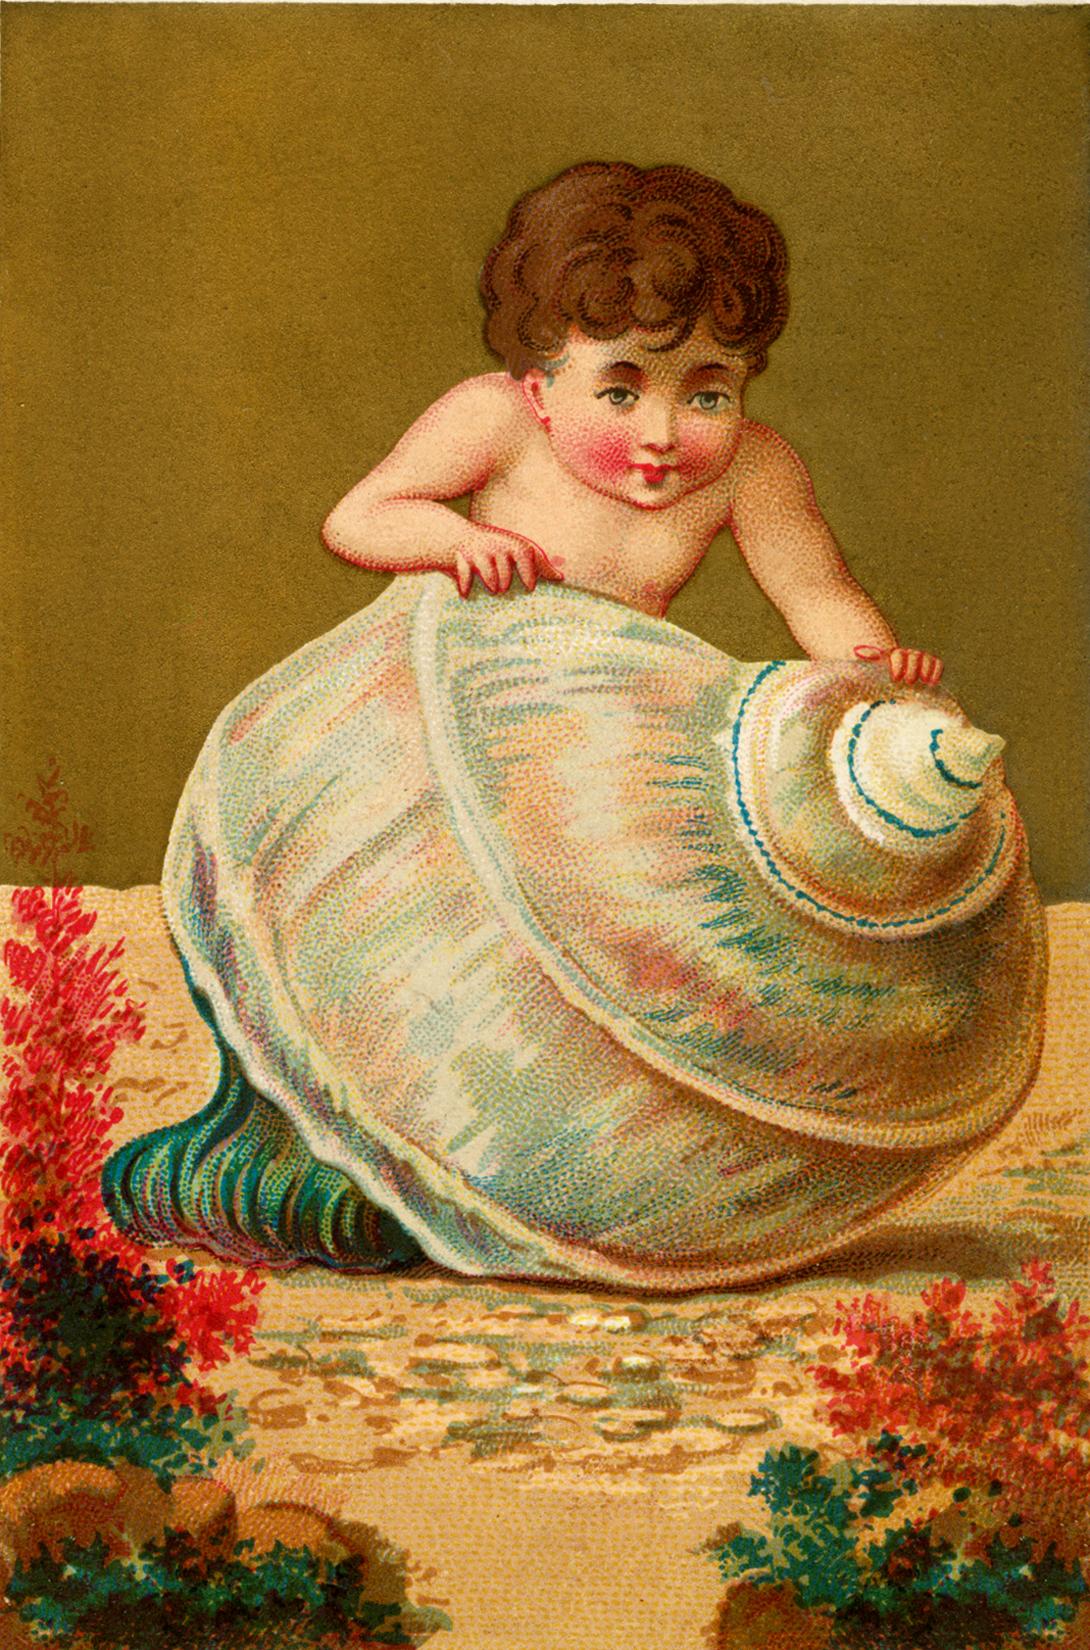 Seashell Child Image